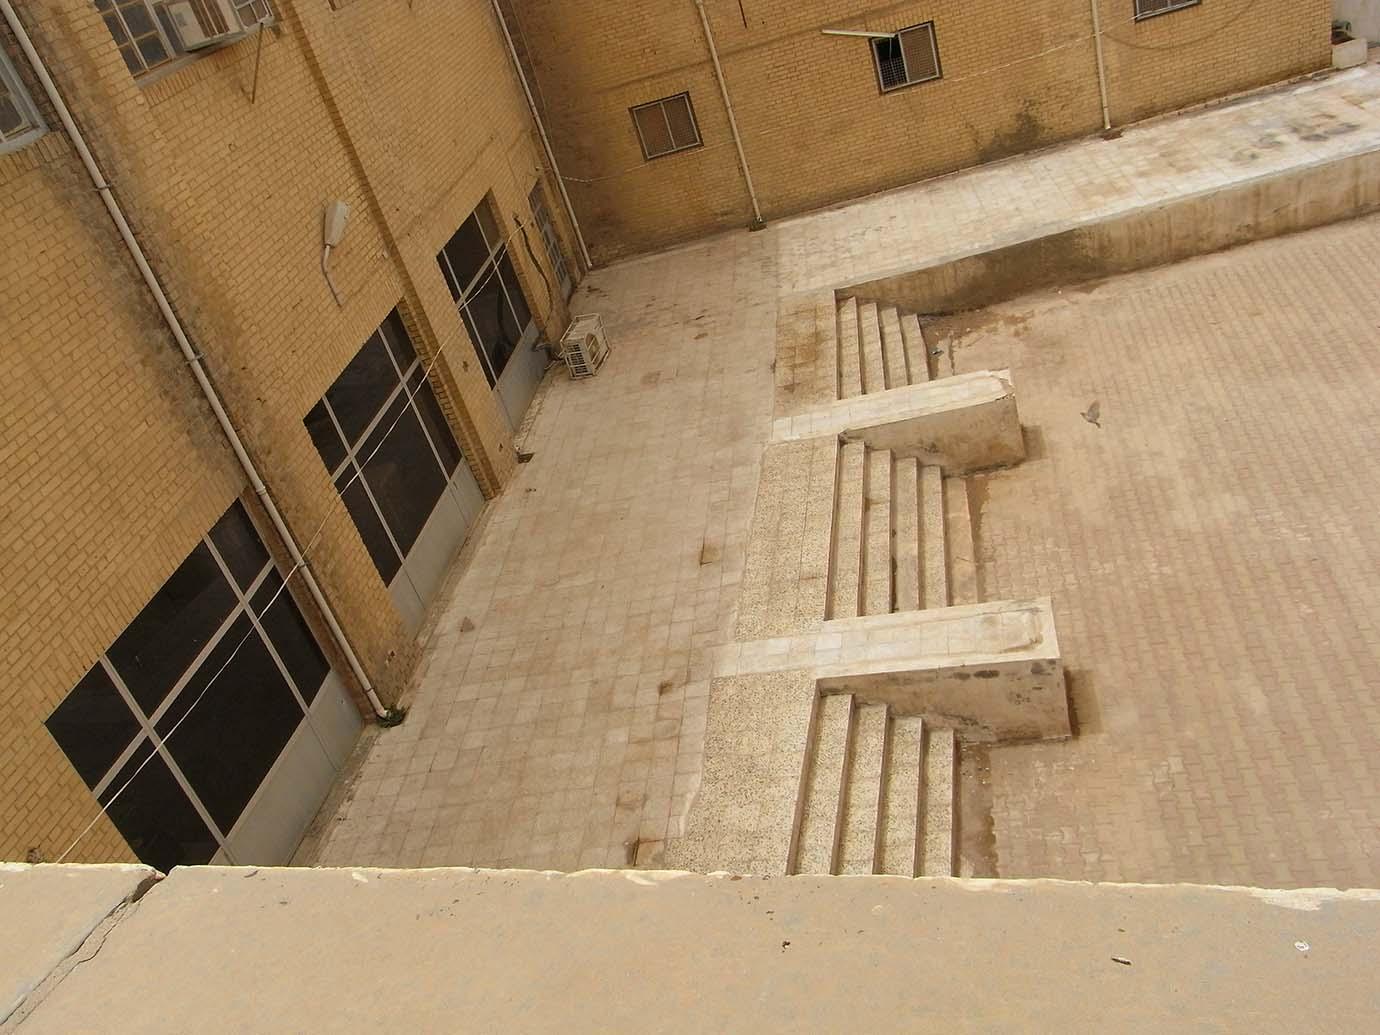 6. Géométrie et contre-courbes de la volée de marches à l'arrière. Redents stylisés en rappel discret de certaines architectures mésopotamiennes. © Caecilia Pieri, 2011.